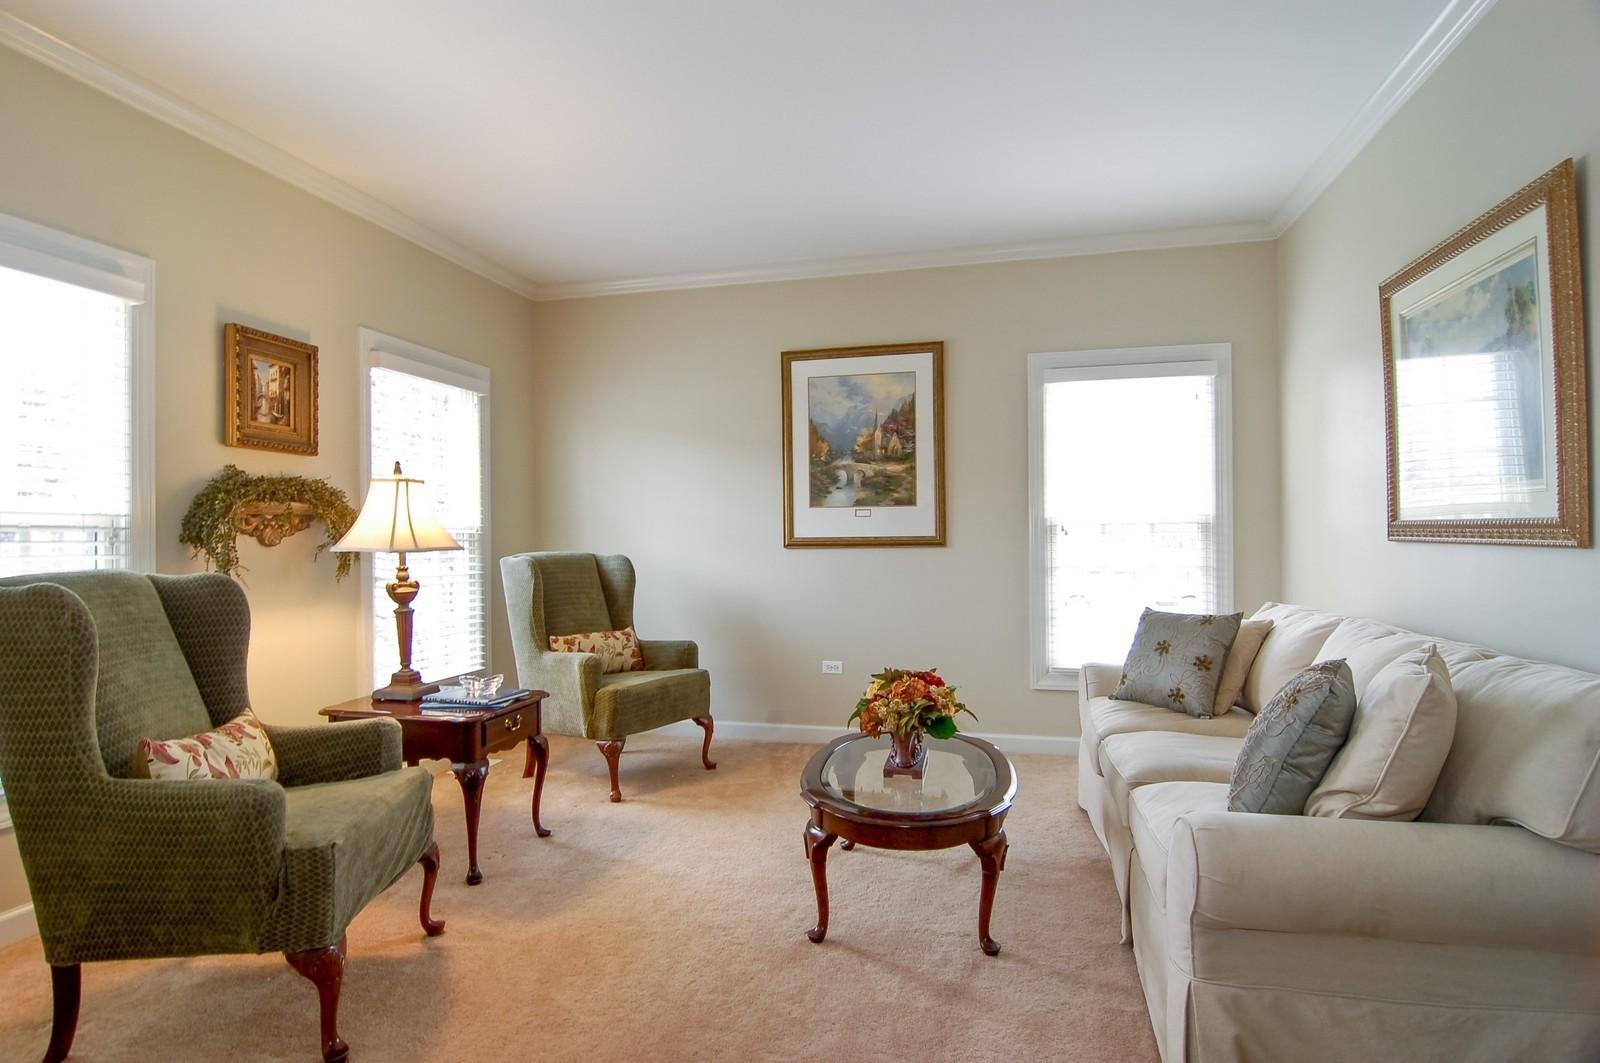 Real Estate Photography - 203 E. Lincoln, Wheaton, IL, 60187 - Living Room